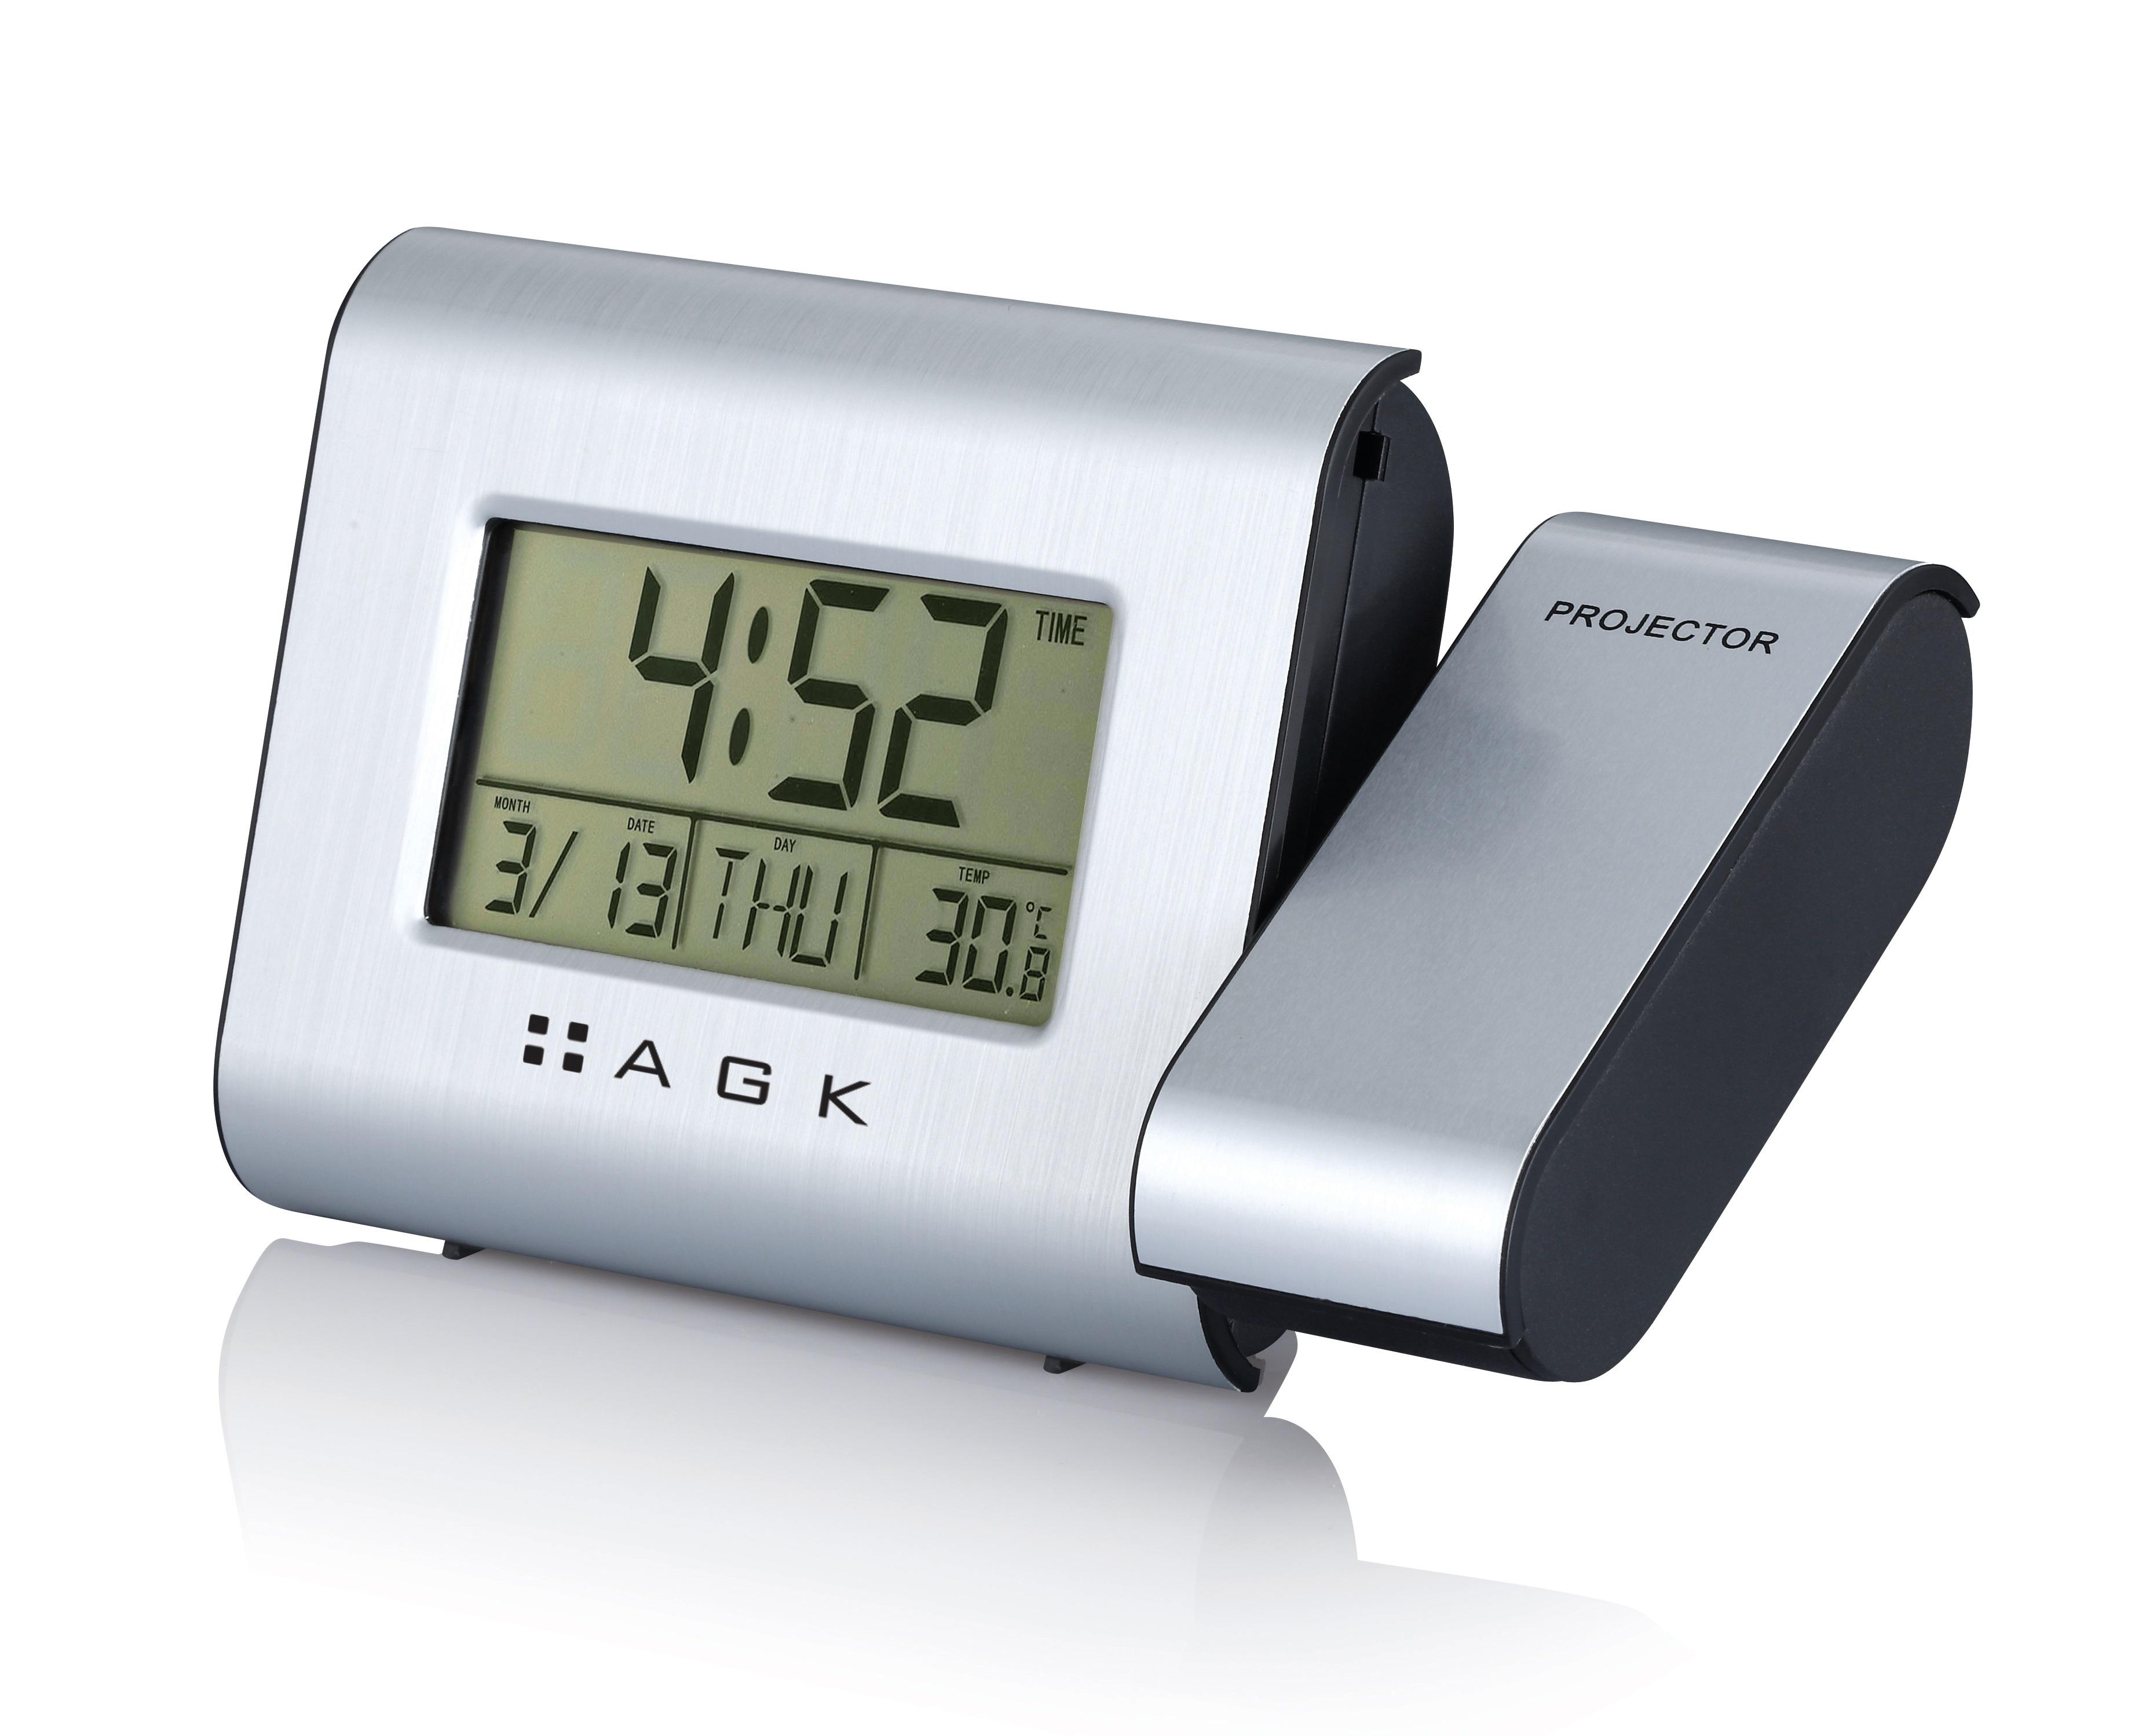 Vejrstationer og ure Archives - Elektronik   hårde hvidevarer 31e42147f70a9